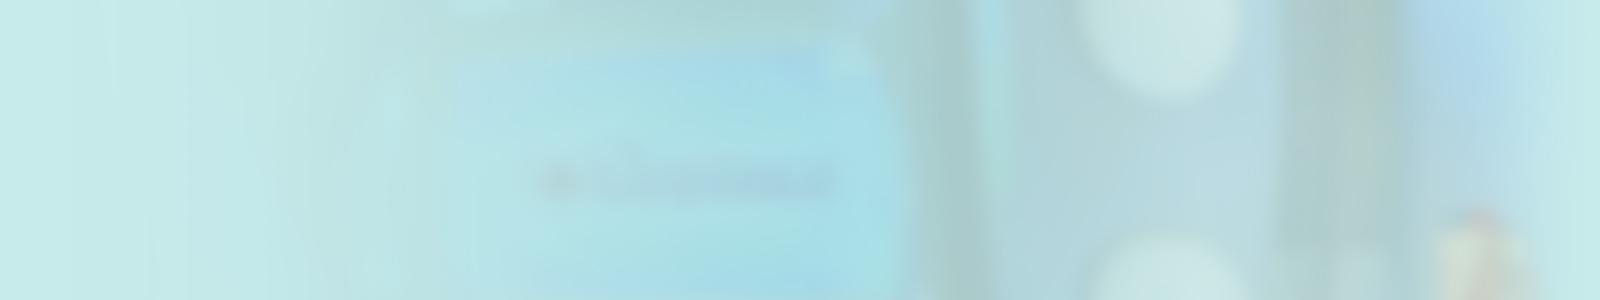 здоровье эфир 13.01.19